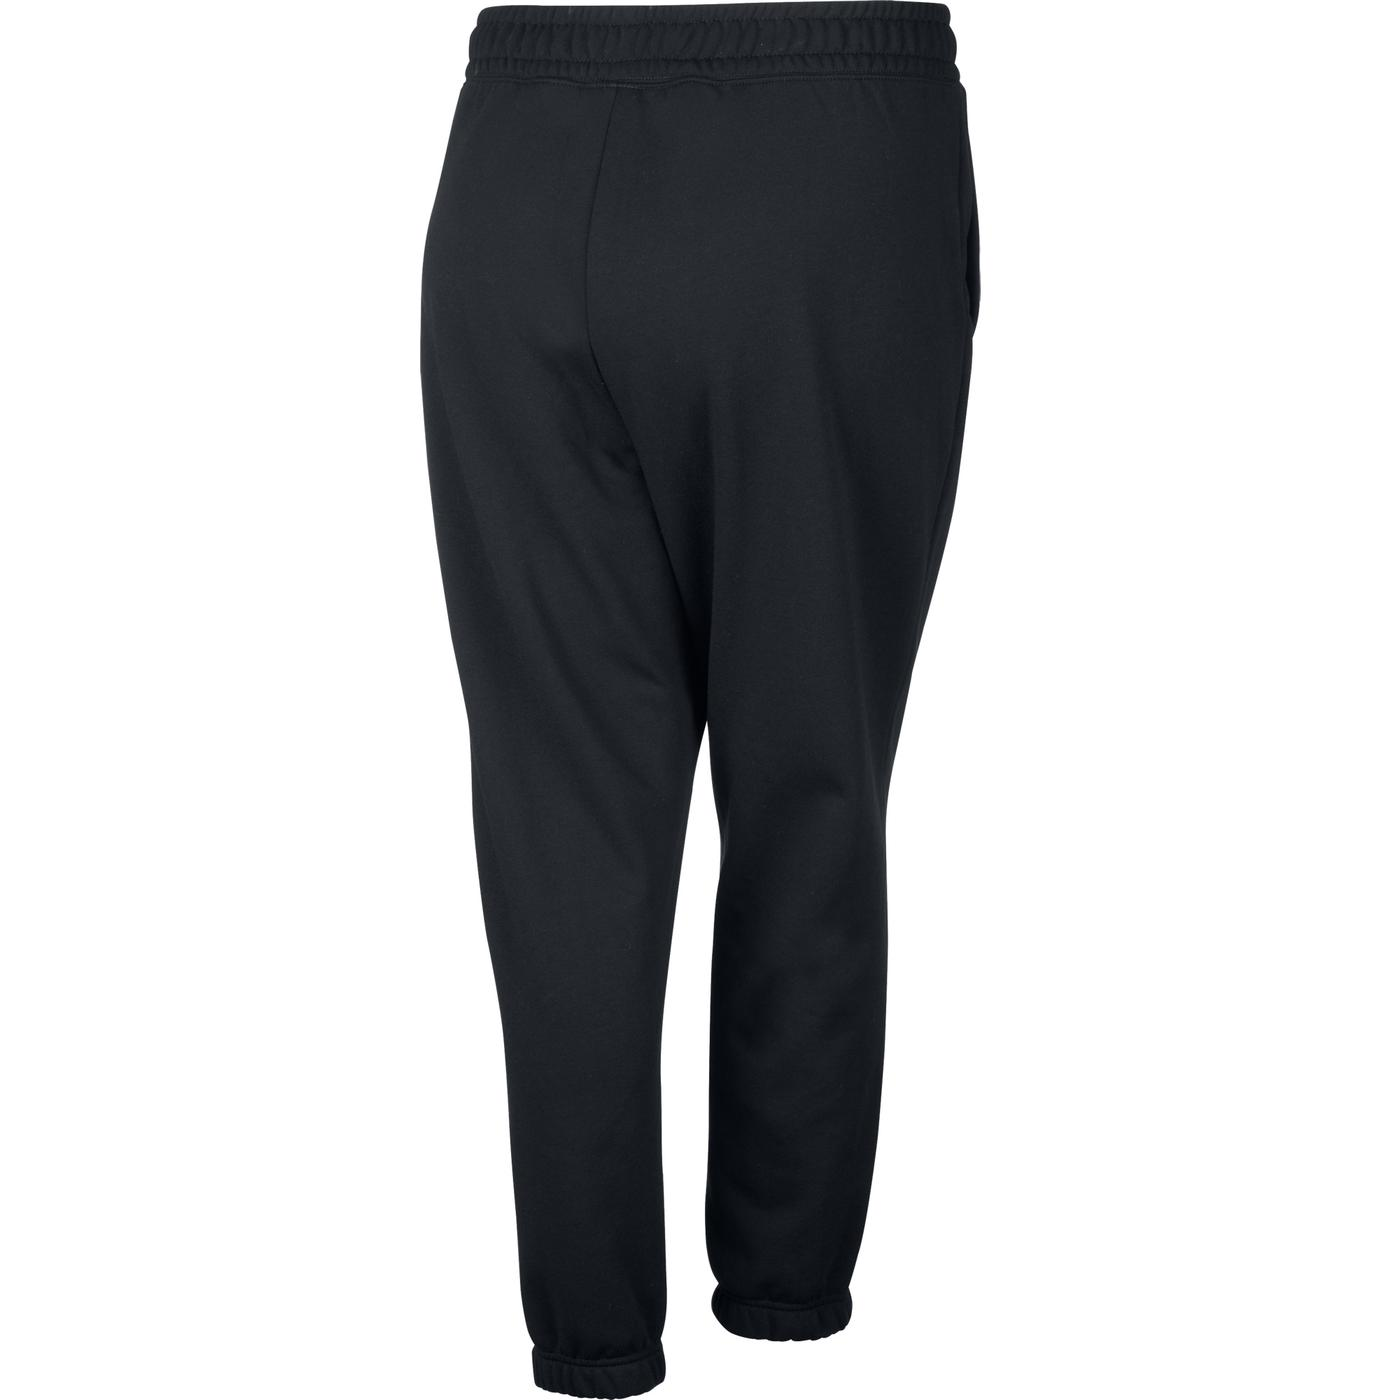 Nike Sportswear Swoosh Kadın Siyah Eşofman Altı